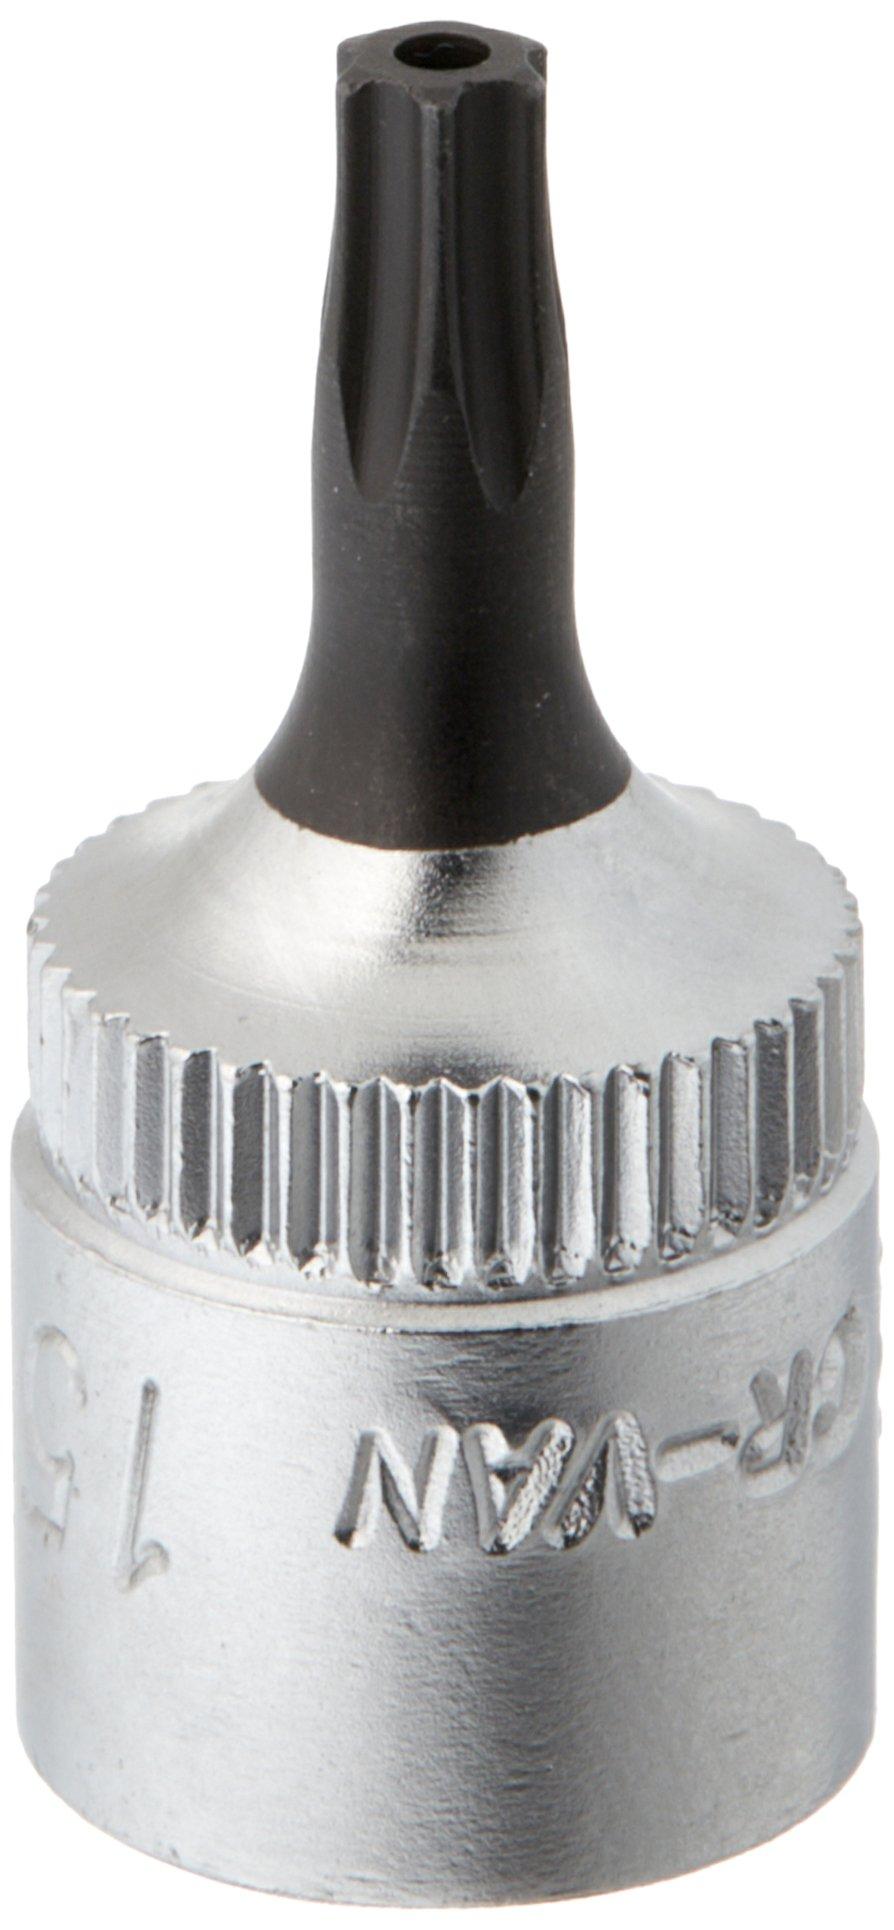 Elora 3243010152000 Screwdriver socket 1/4'' for TORX safety screws Size 15